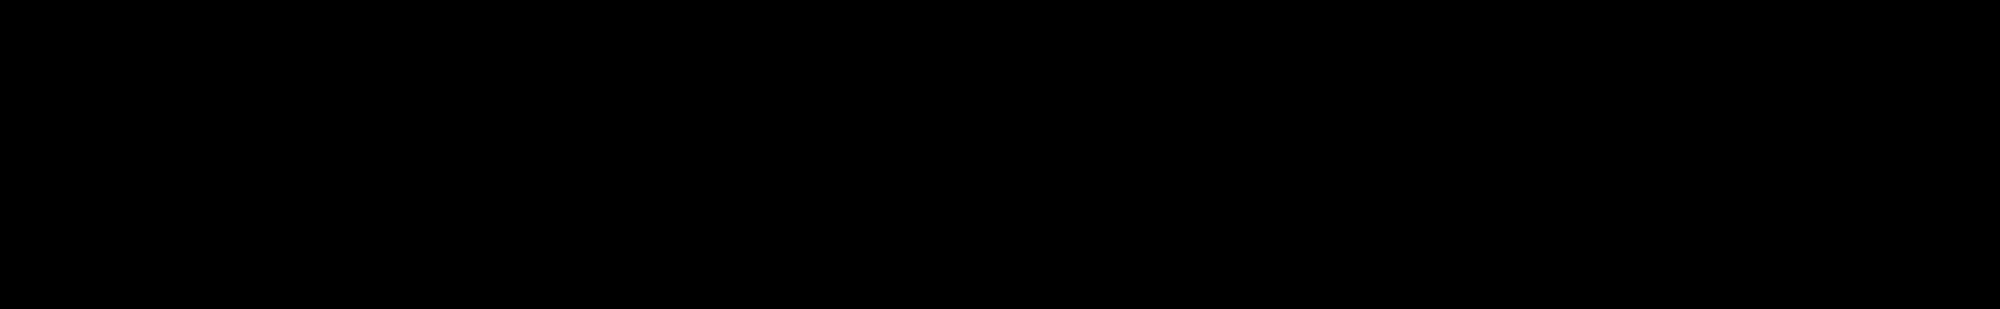 ui_logo_1.png